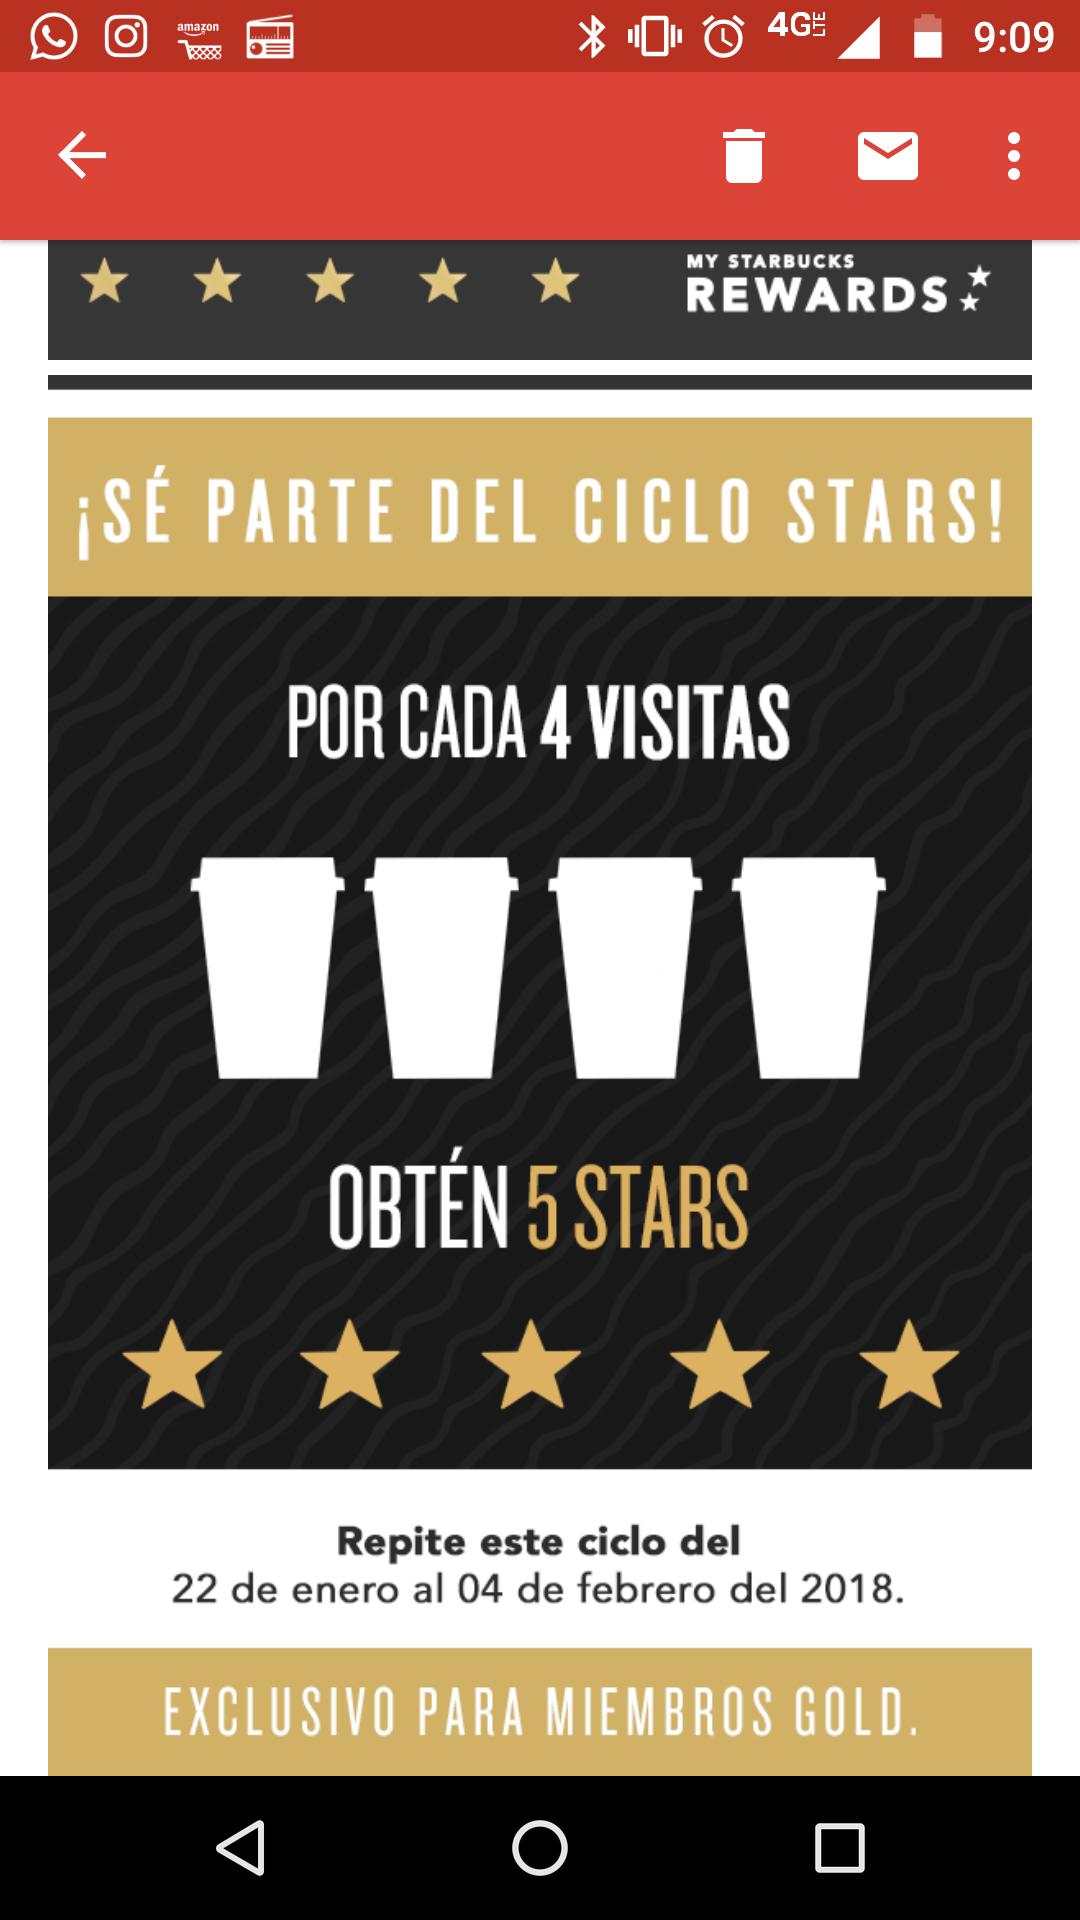 Starbucks: 5 estrellas adicionales por cada cuatro visitas. Miembros gold.